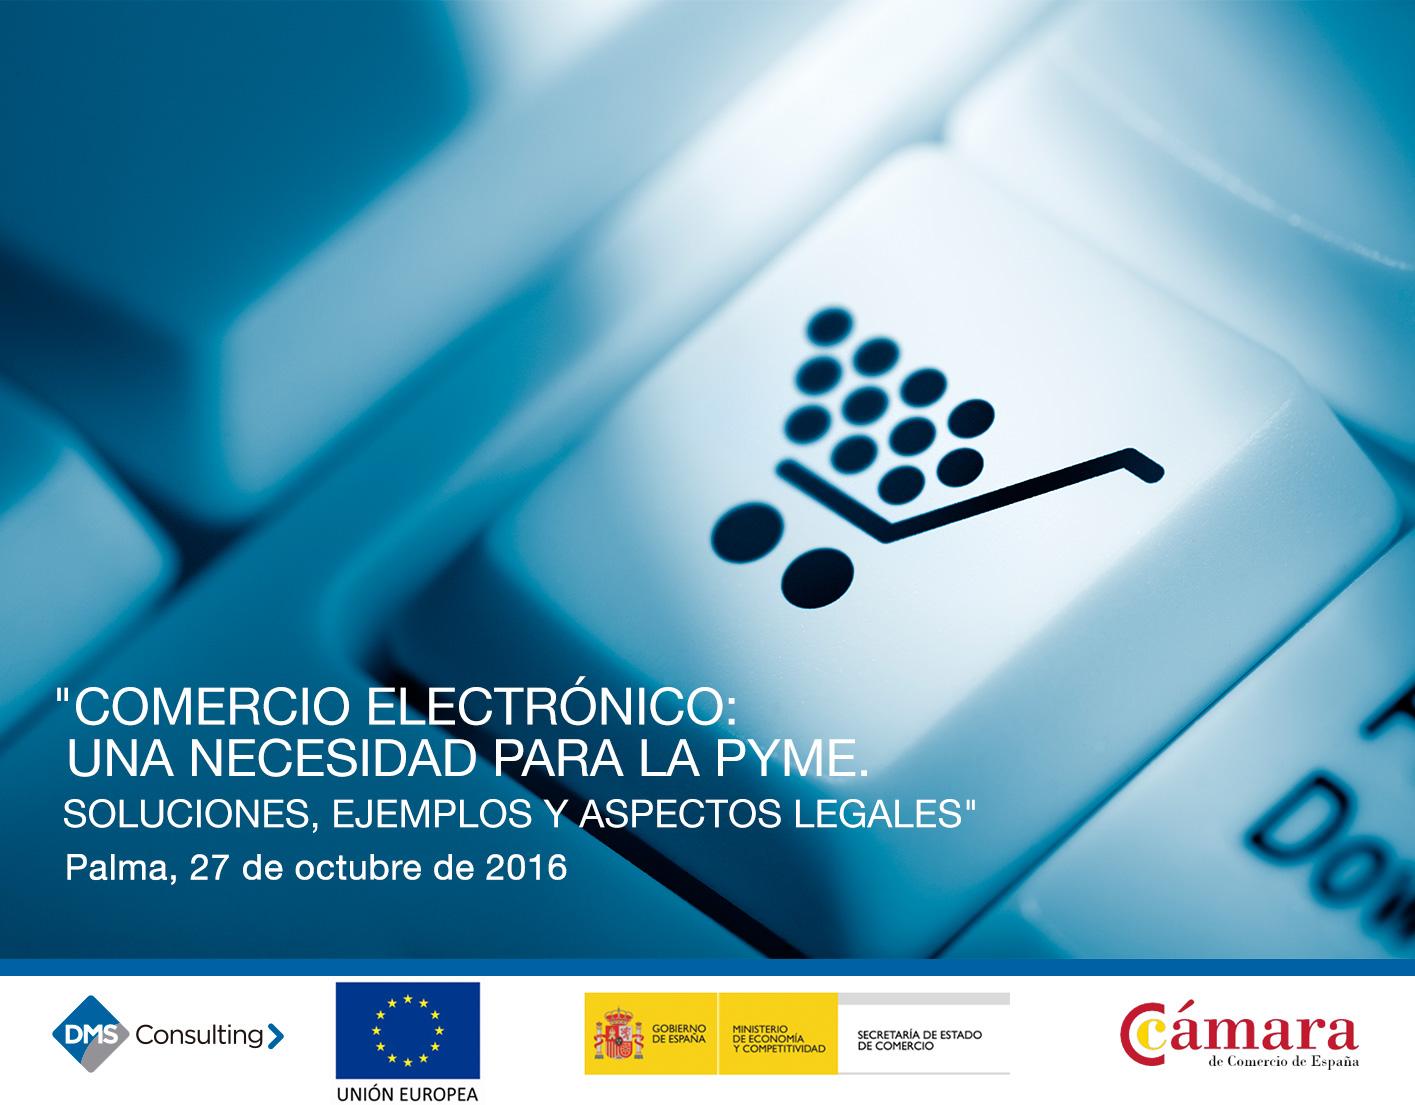 Taller de José Manuel Raya sobre comercio electrónico en la Cambra de Comerç de Mallorca